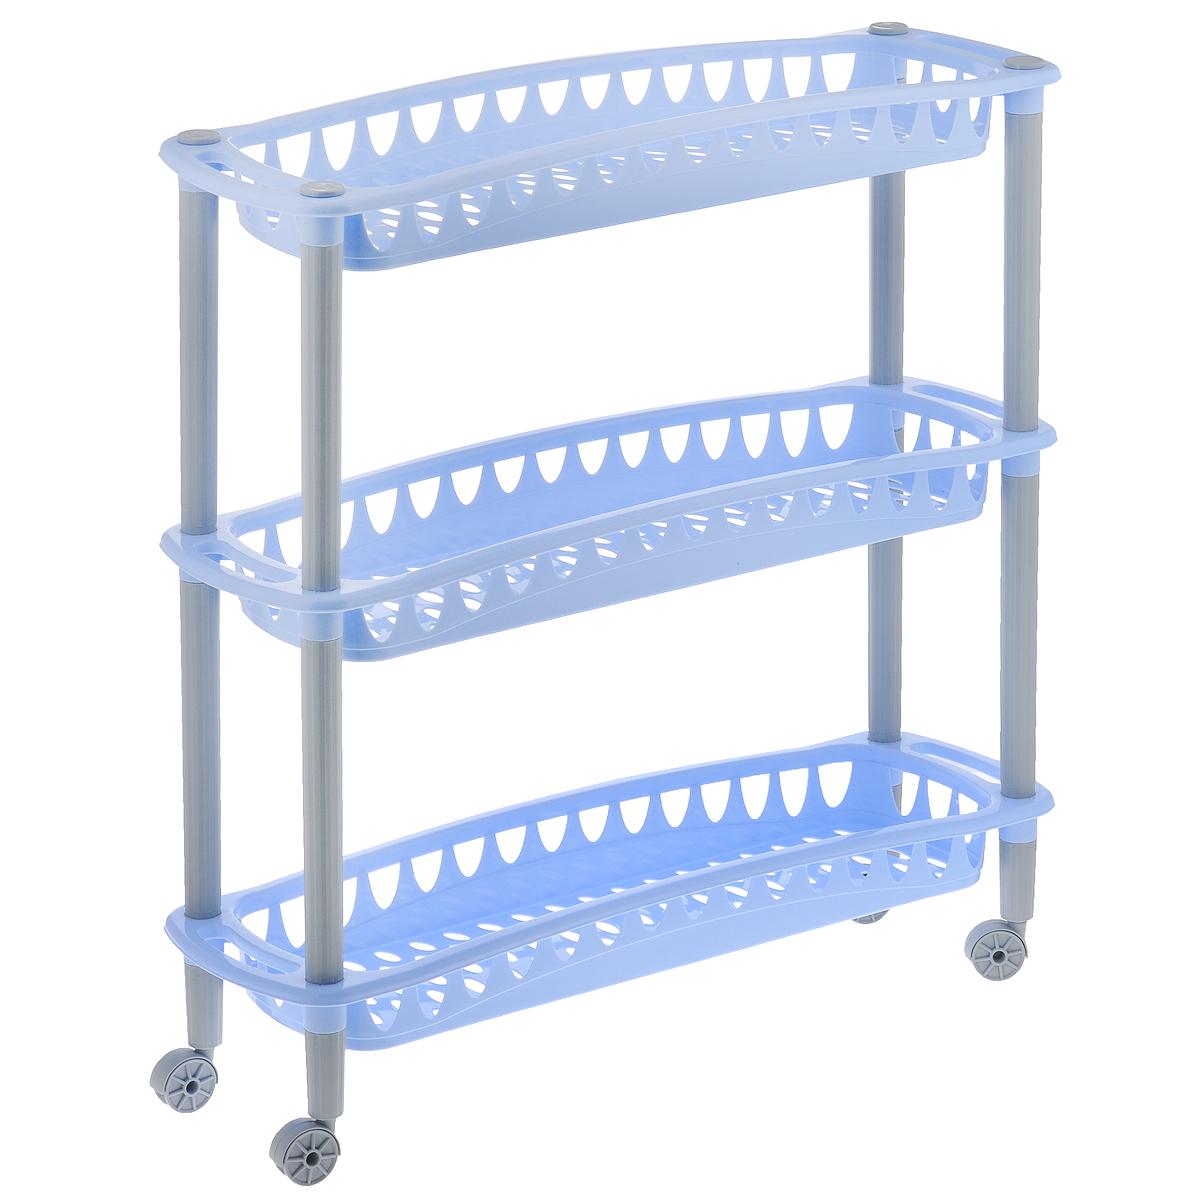 Этажерка Бытпласт Джулия, 3-х секционная, цвет: голубой, на колесиках, 59 см х 18 см х 61 смС12415Этажерка Бытпласт Джулия выполнена из высококачественного прочного пластика и предназначена для хранения различных предметов. Изделие имеет 3 полки прямоугольной формы с перфорированными стенками. Благодаря колесикам этажерку можно перемещать в любую сторону без особых усилий. В ванной комнате вы можете использовать этажерку для хранения шампуней, гелей, жидкого мыла, стиральных порошков, полотенец и т.д. Ручной инструмент и детали в вашем гараже всегда будут под рукой. Удобно ставить банки с краской, бутылки с растворителем. В гостиной этажерка позволит удобно хранить под рукой книги, журналы, газеты. С помощью этажерки также легко навести порядок в детской, она позволит удобно и компактно хранить игрушки, письменные принадлежности и учебники. Этажерка - это идеальное решение для любого помещения. Она поможет поддерживать чистоту, компактно организовать пространство и хранить вещи в порядке, а стильный дизайн сделает этажерку ярким...